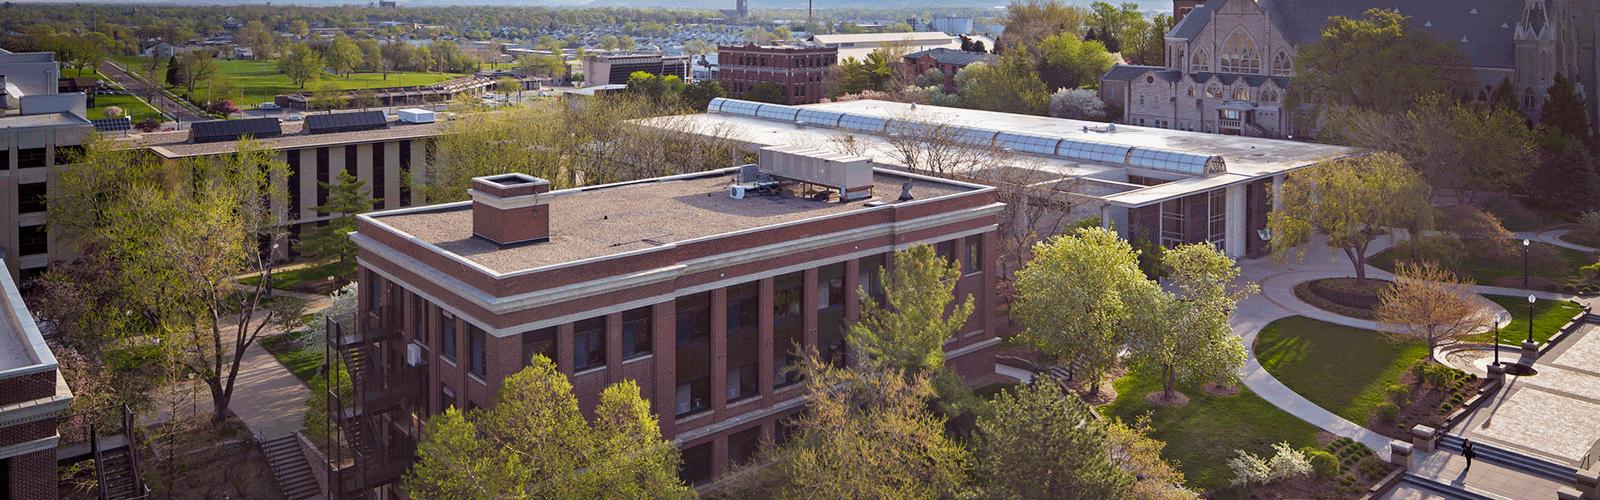 Creighton Campus